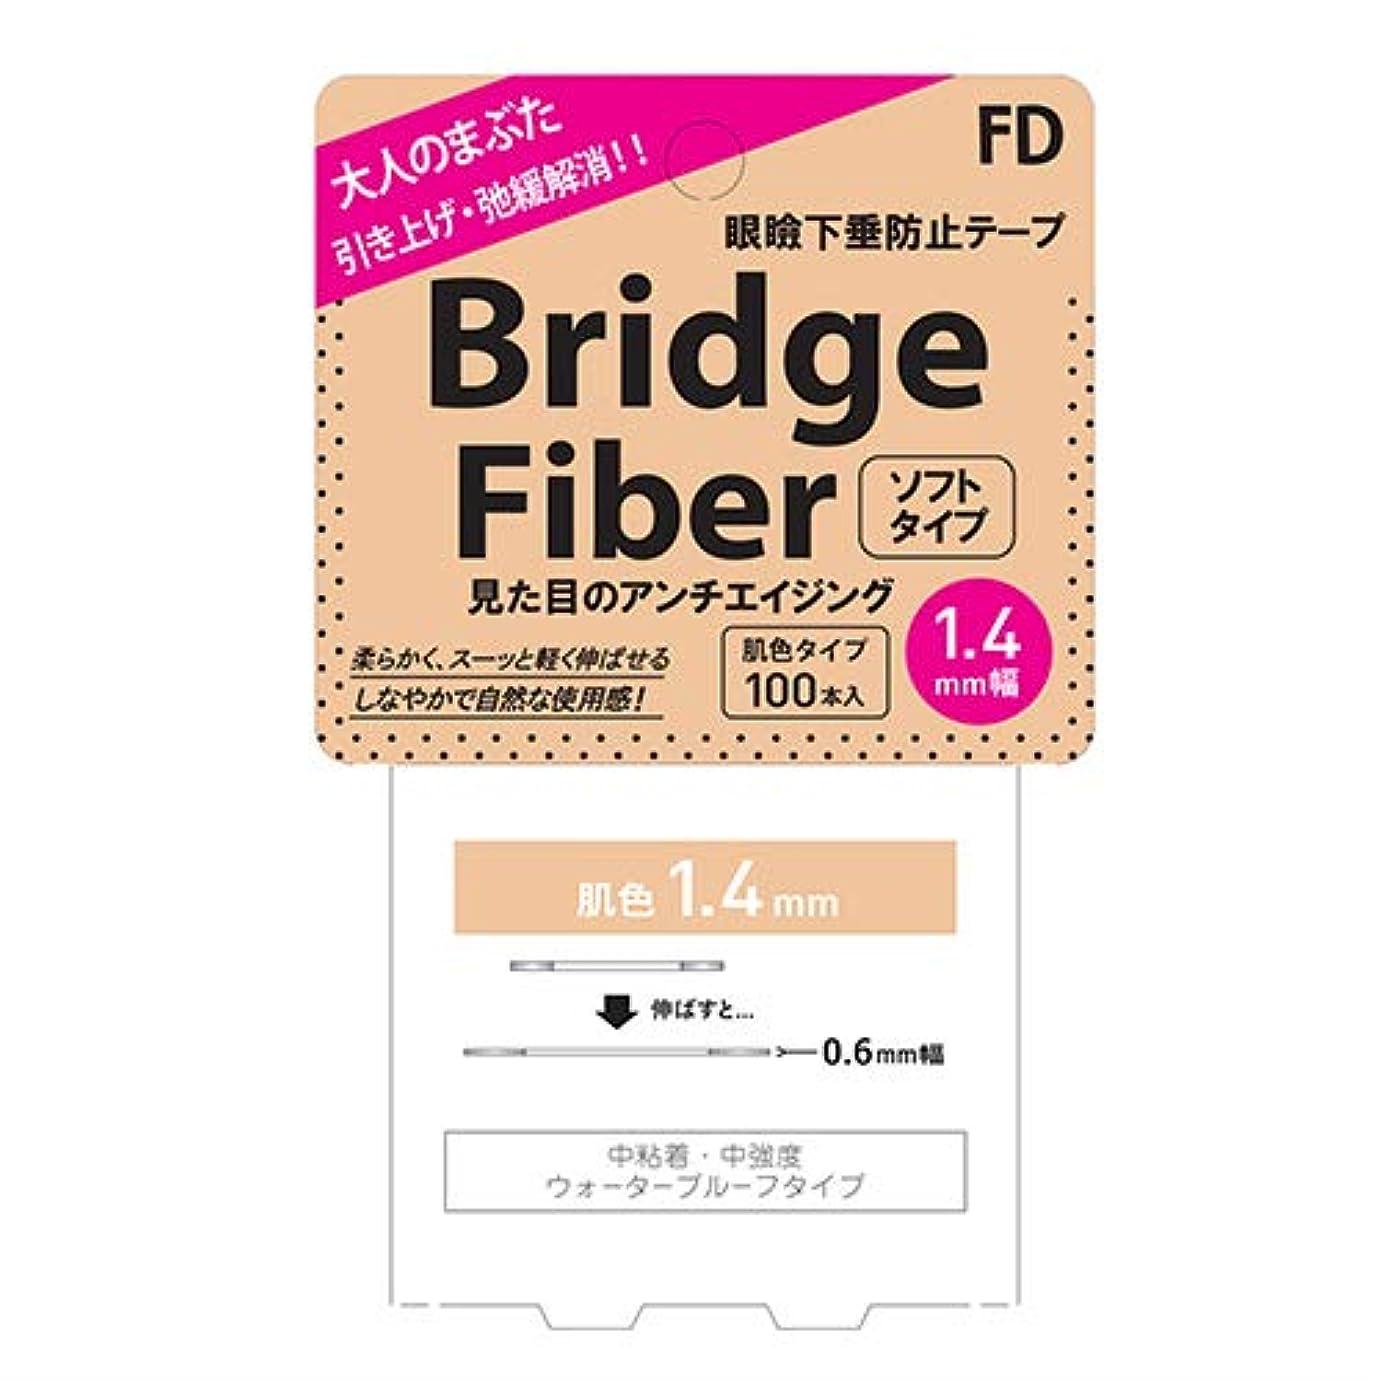 ランクデマンドリサイクルするFD ブリッジファイバーソフト (Bridge Fiber Soft) 肌色(ヌーディー) 100本入 1.4mm